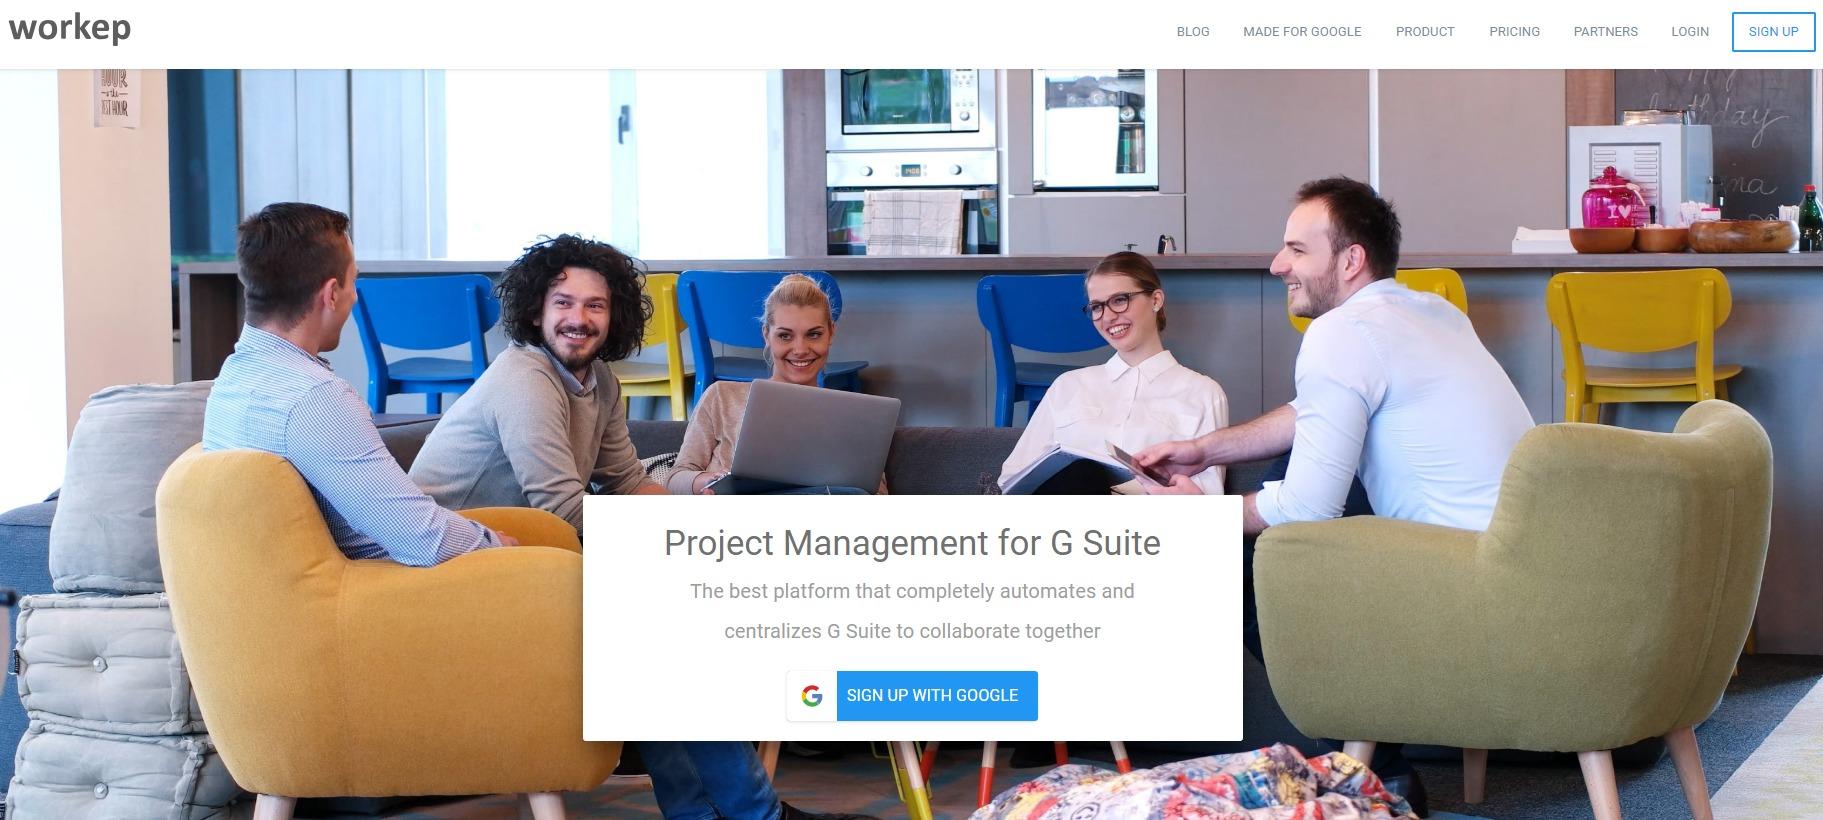 Startups Workep